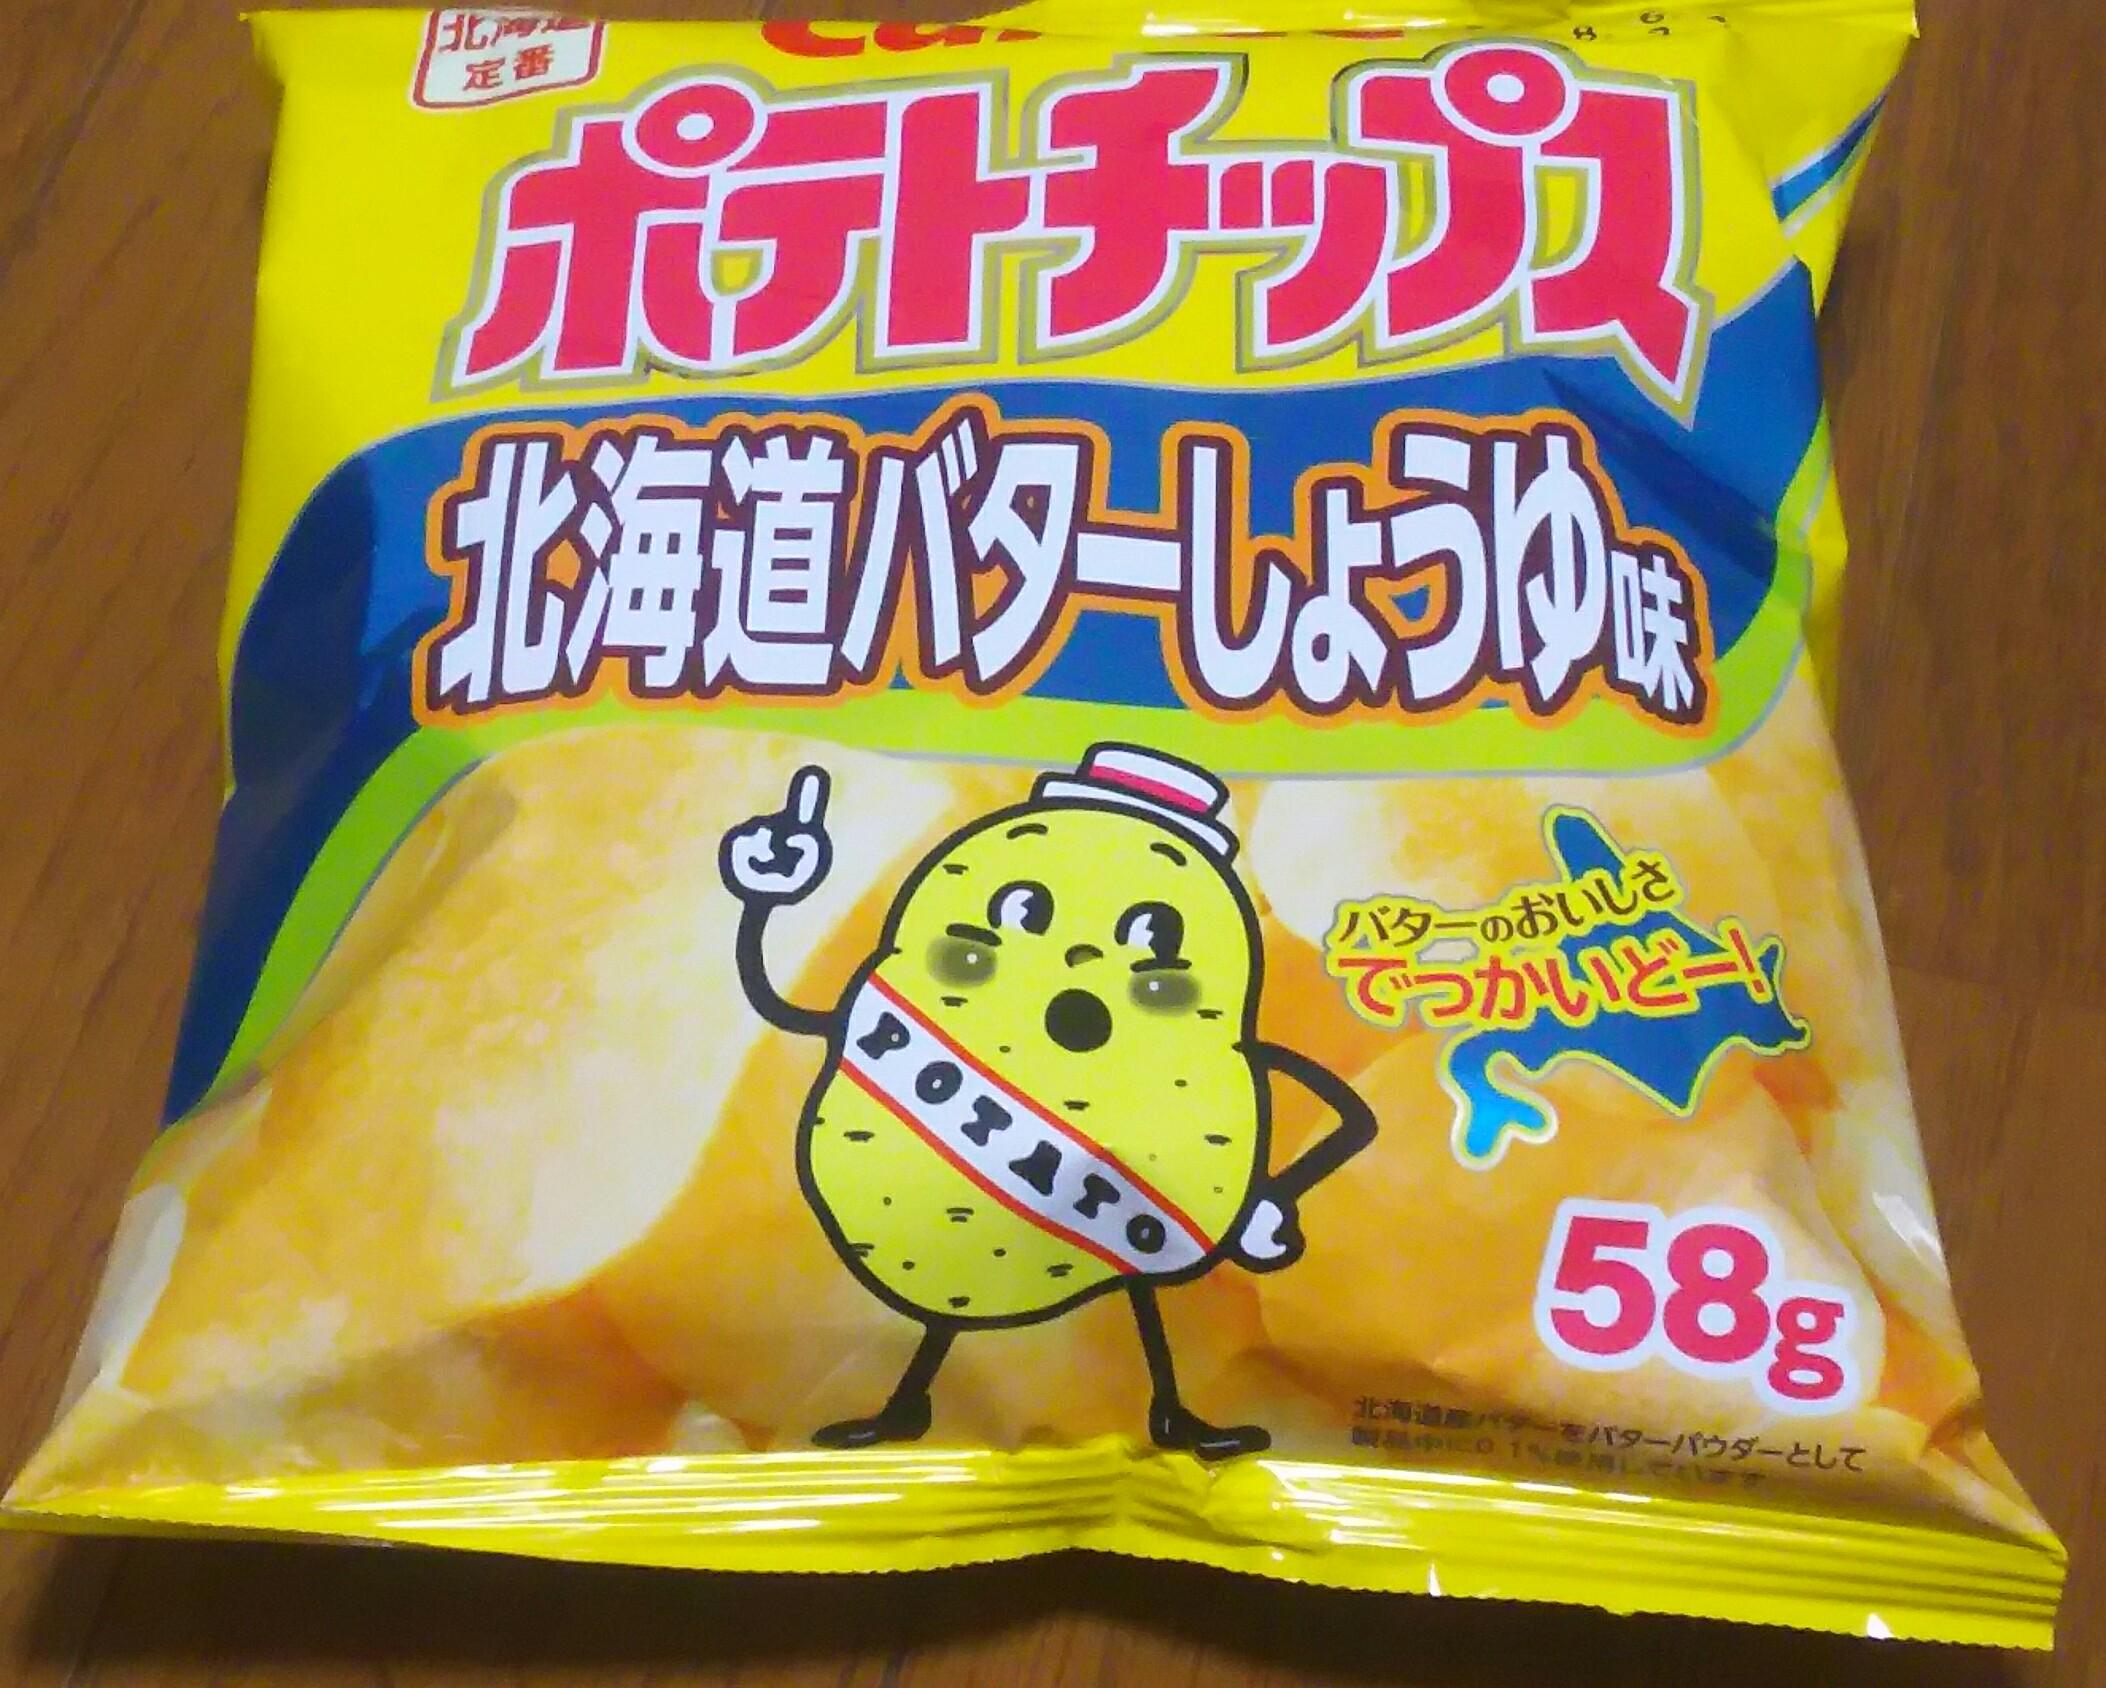 ポテトチップス 北海道バターしょうゆ味(カルビー)感想・レビュー